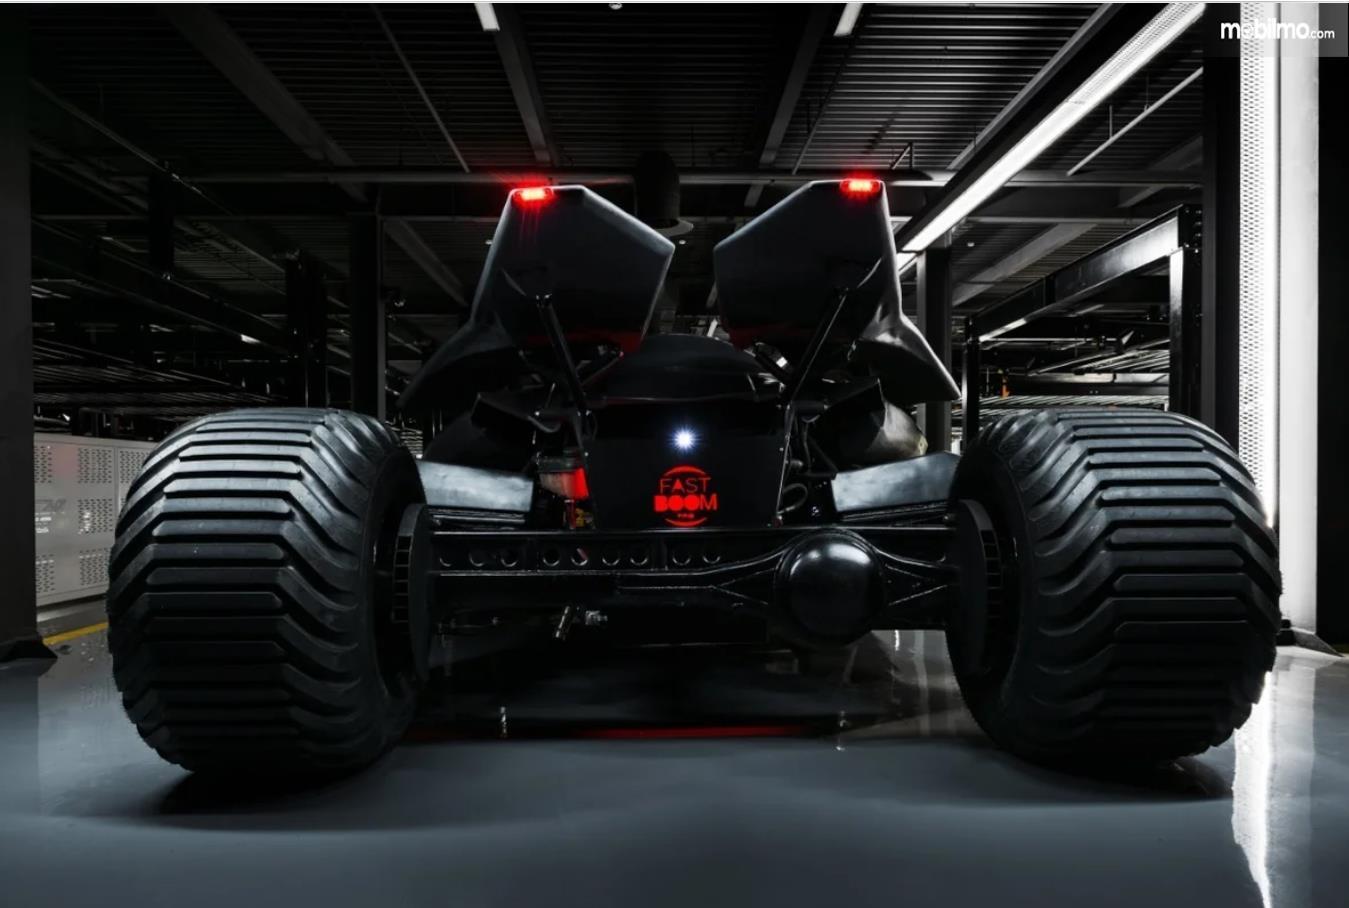 Foto Batmobile FastBoomPro dari belakang